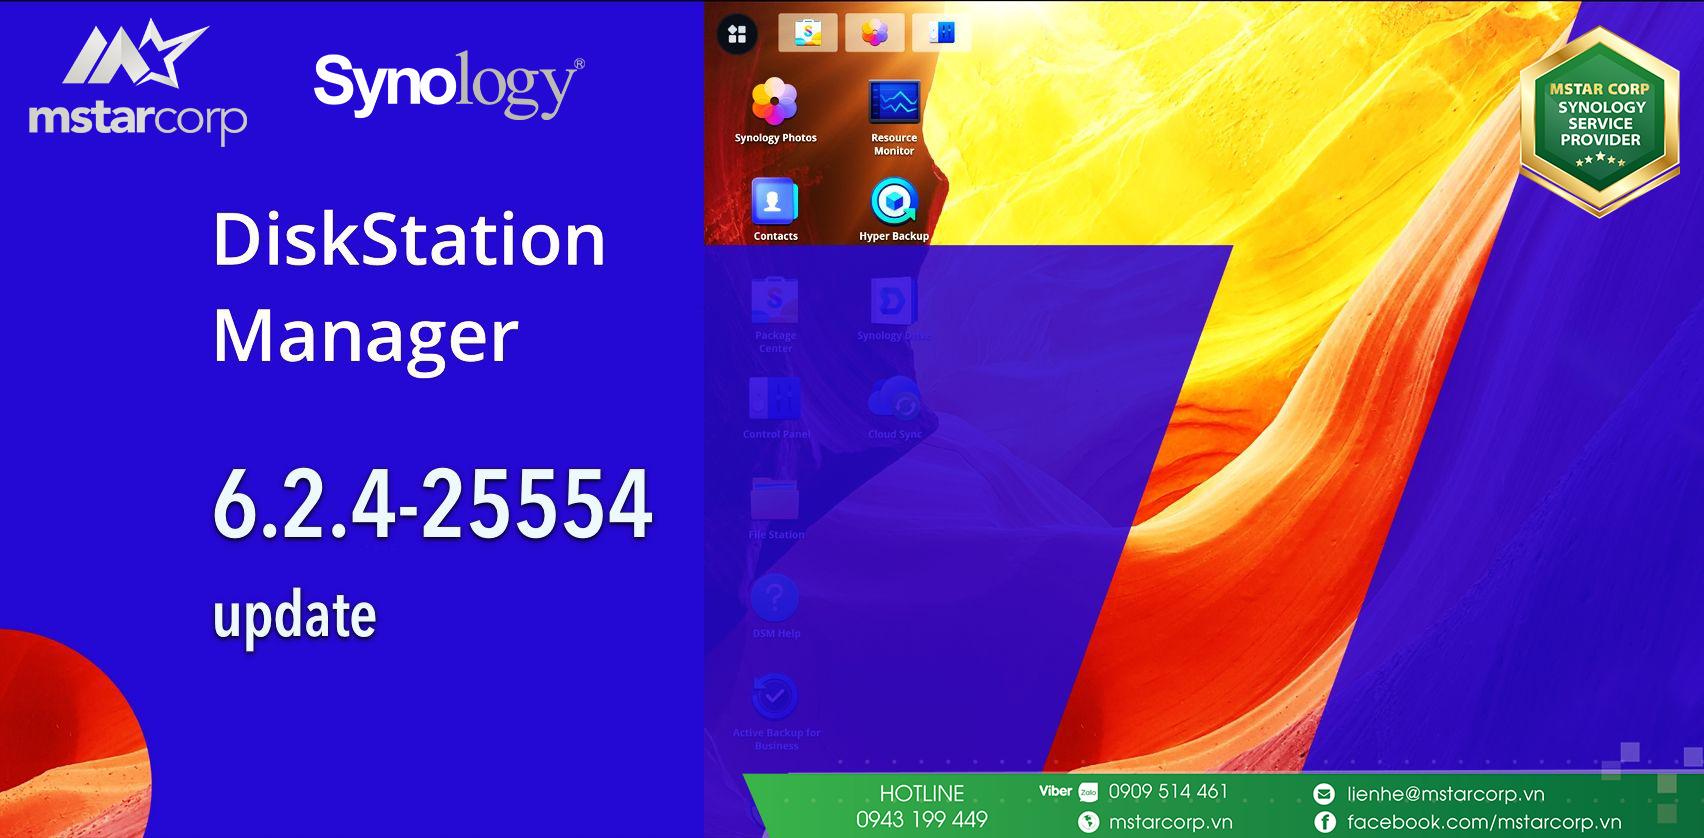 Synology chính thức phát hành DSM 6.2.4